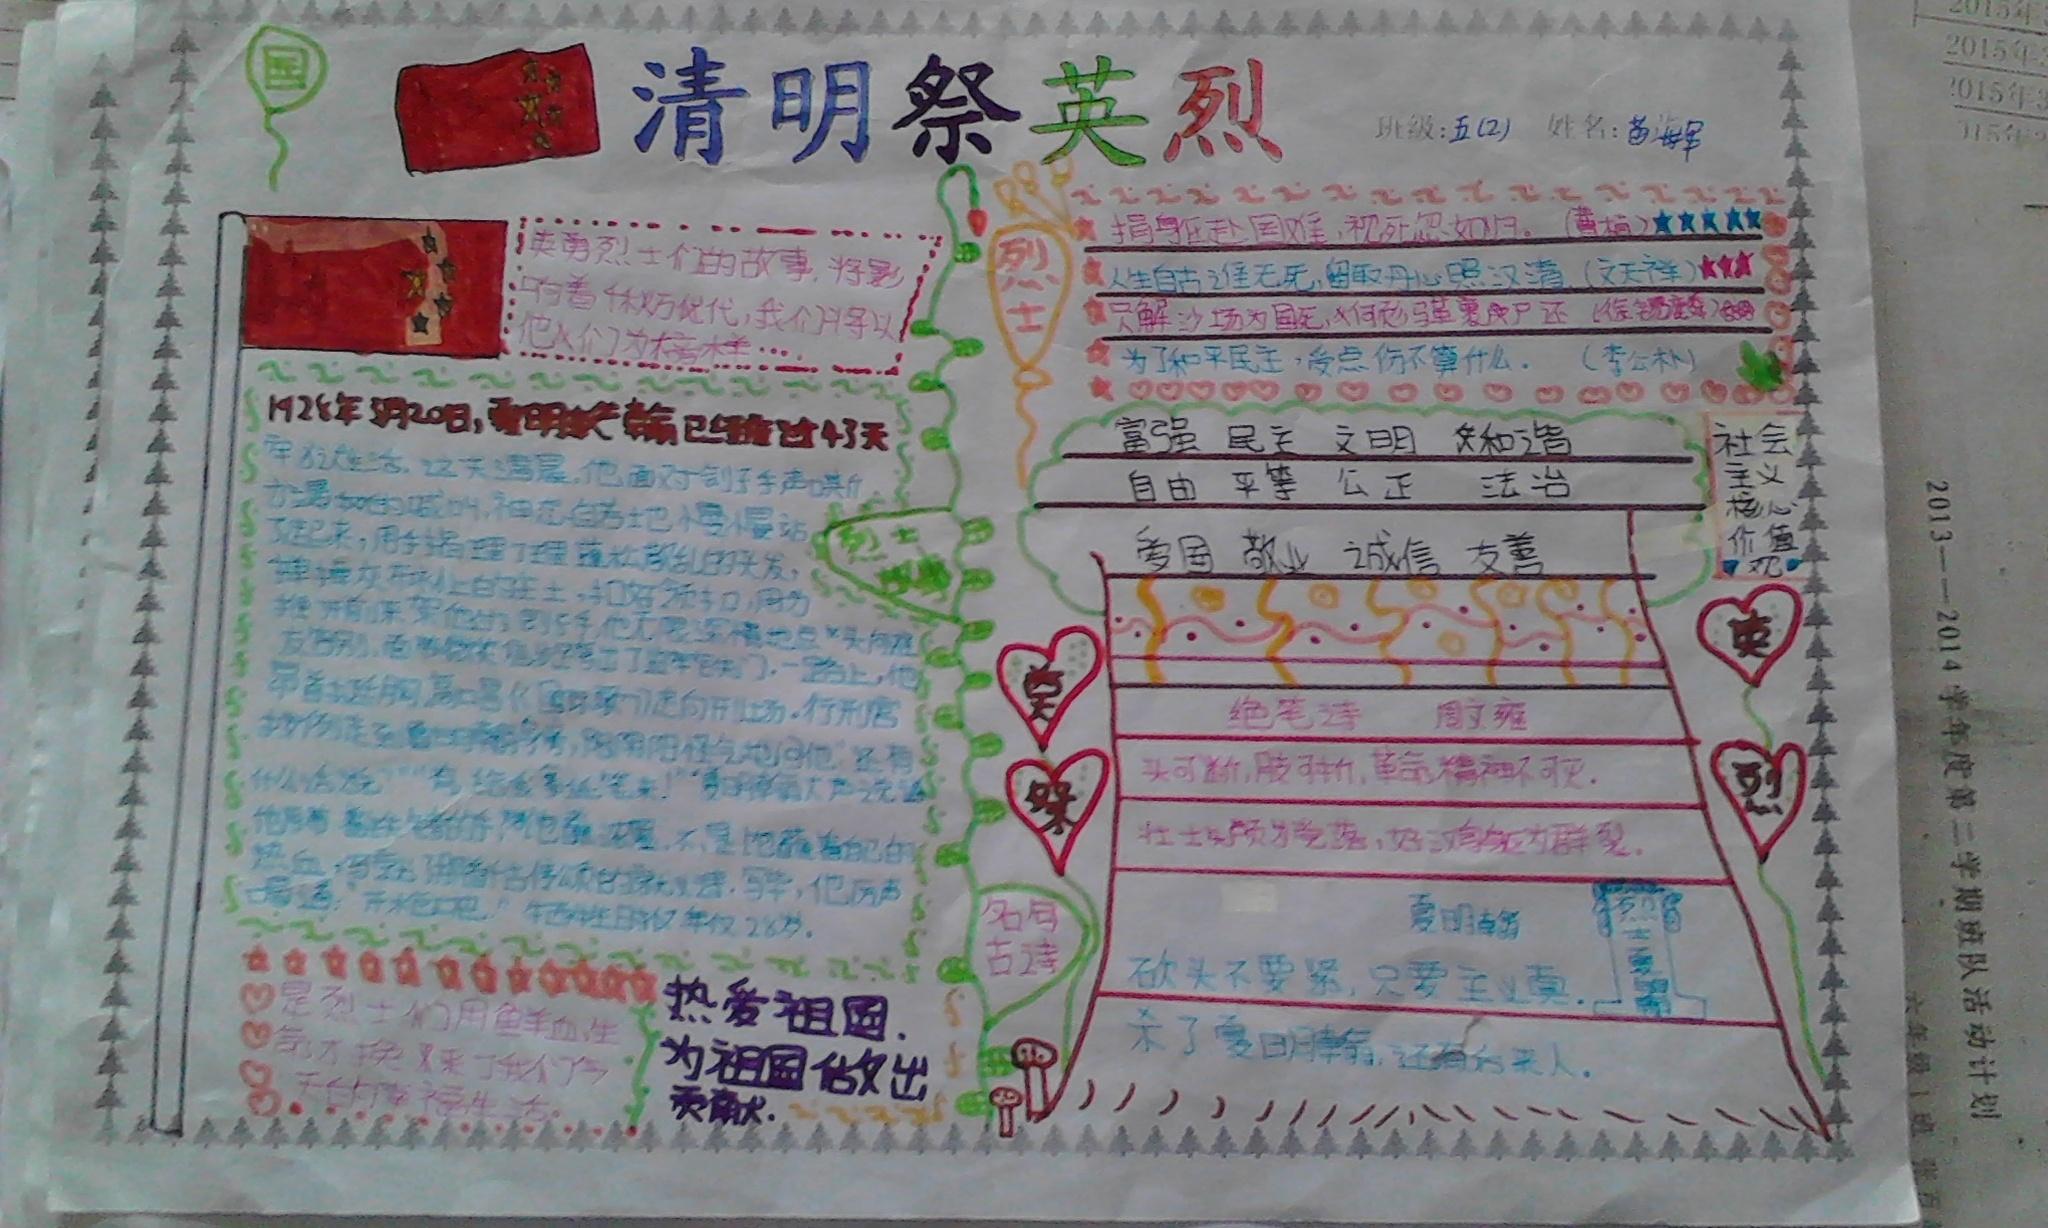 2015年清明节手抄报 - 美丽中国,红领巾社会实践活动